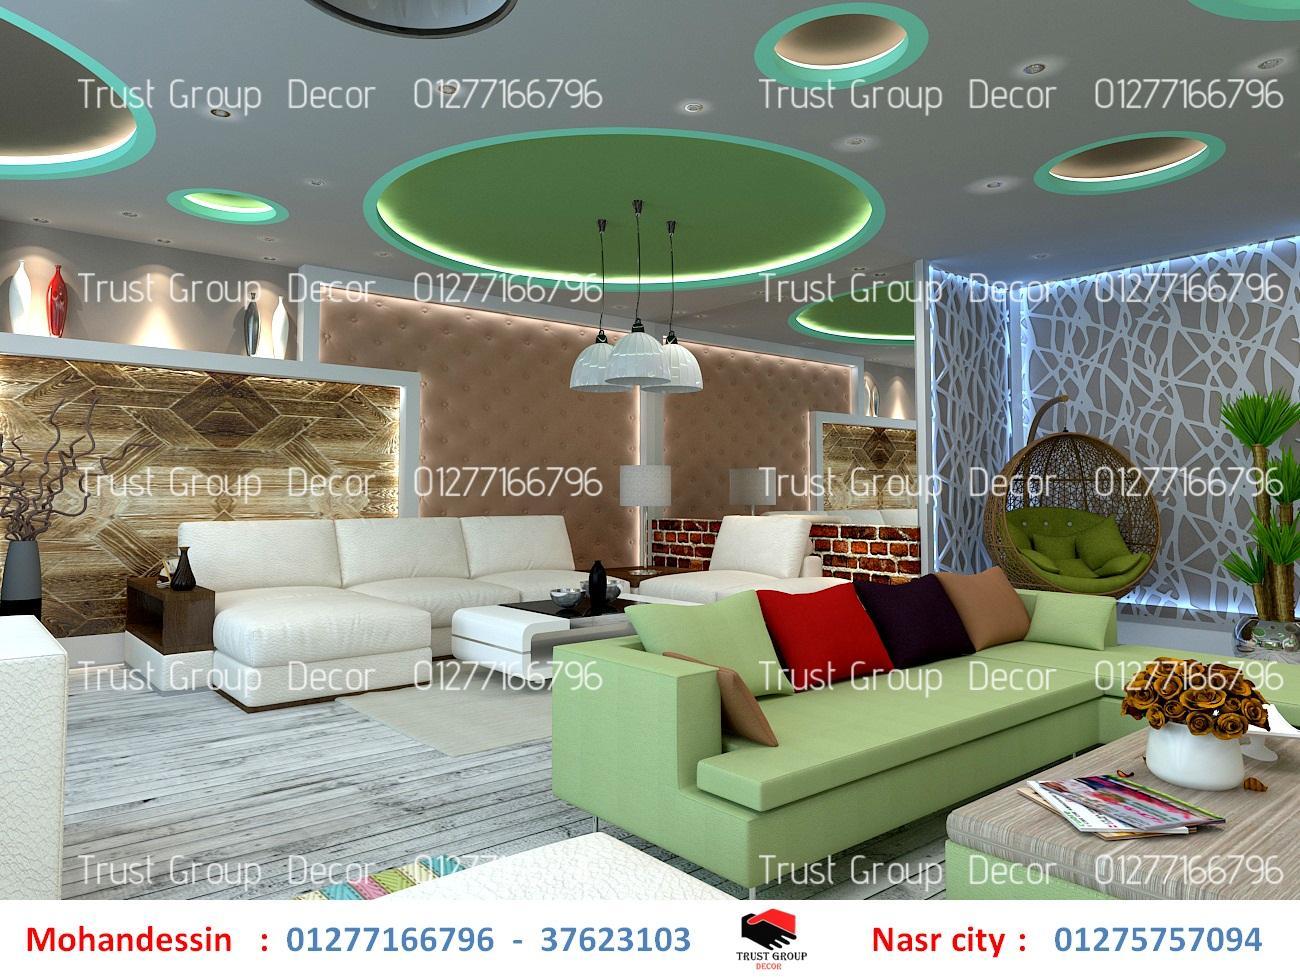 شركة تشطيبات مصرية -  ديكورات تشطيب كهرباء   ( للاتصال  01277166796 ) 409456918